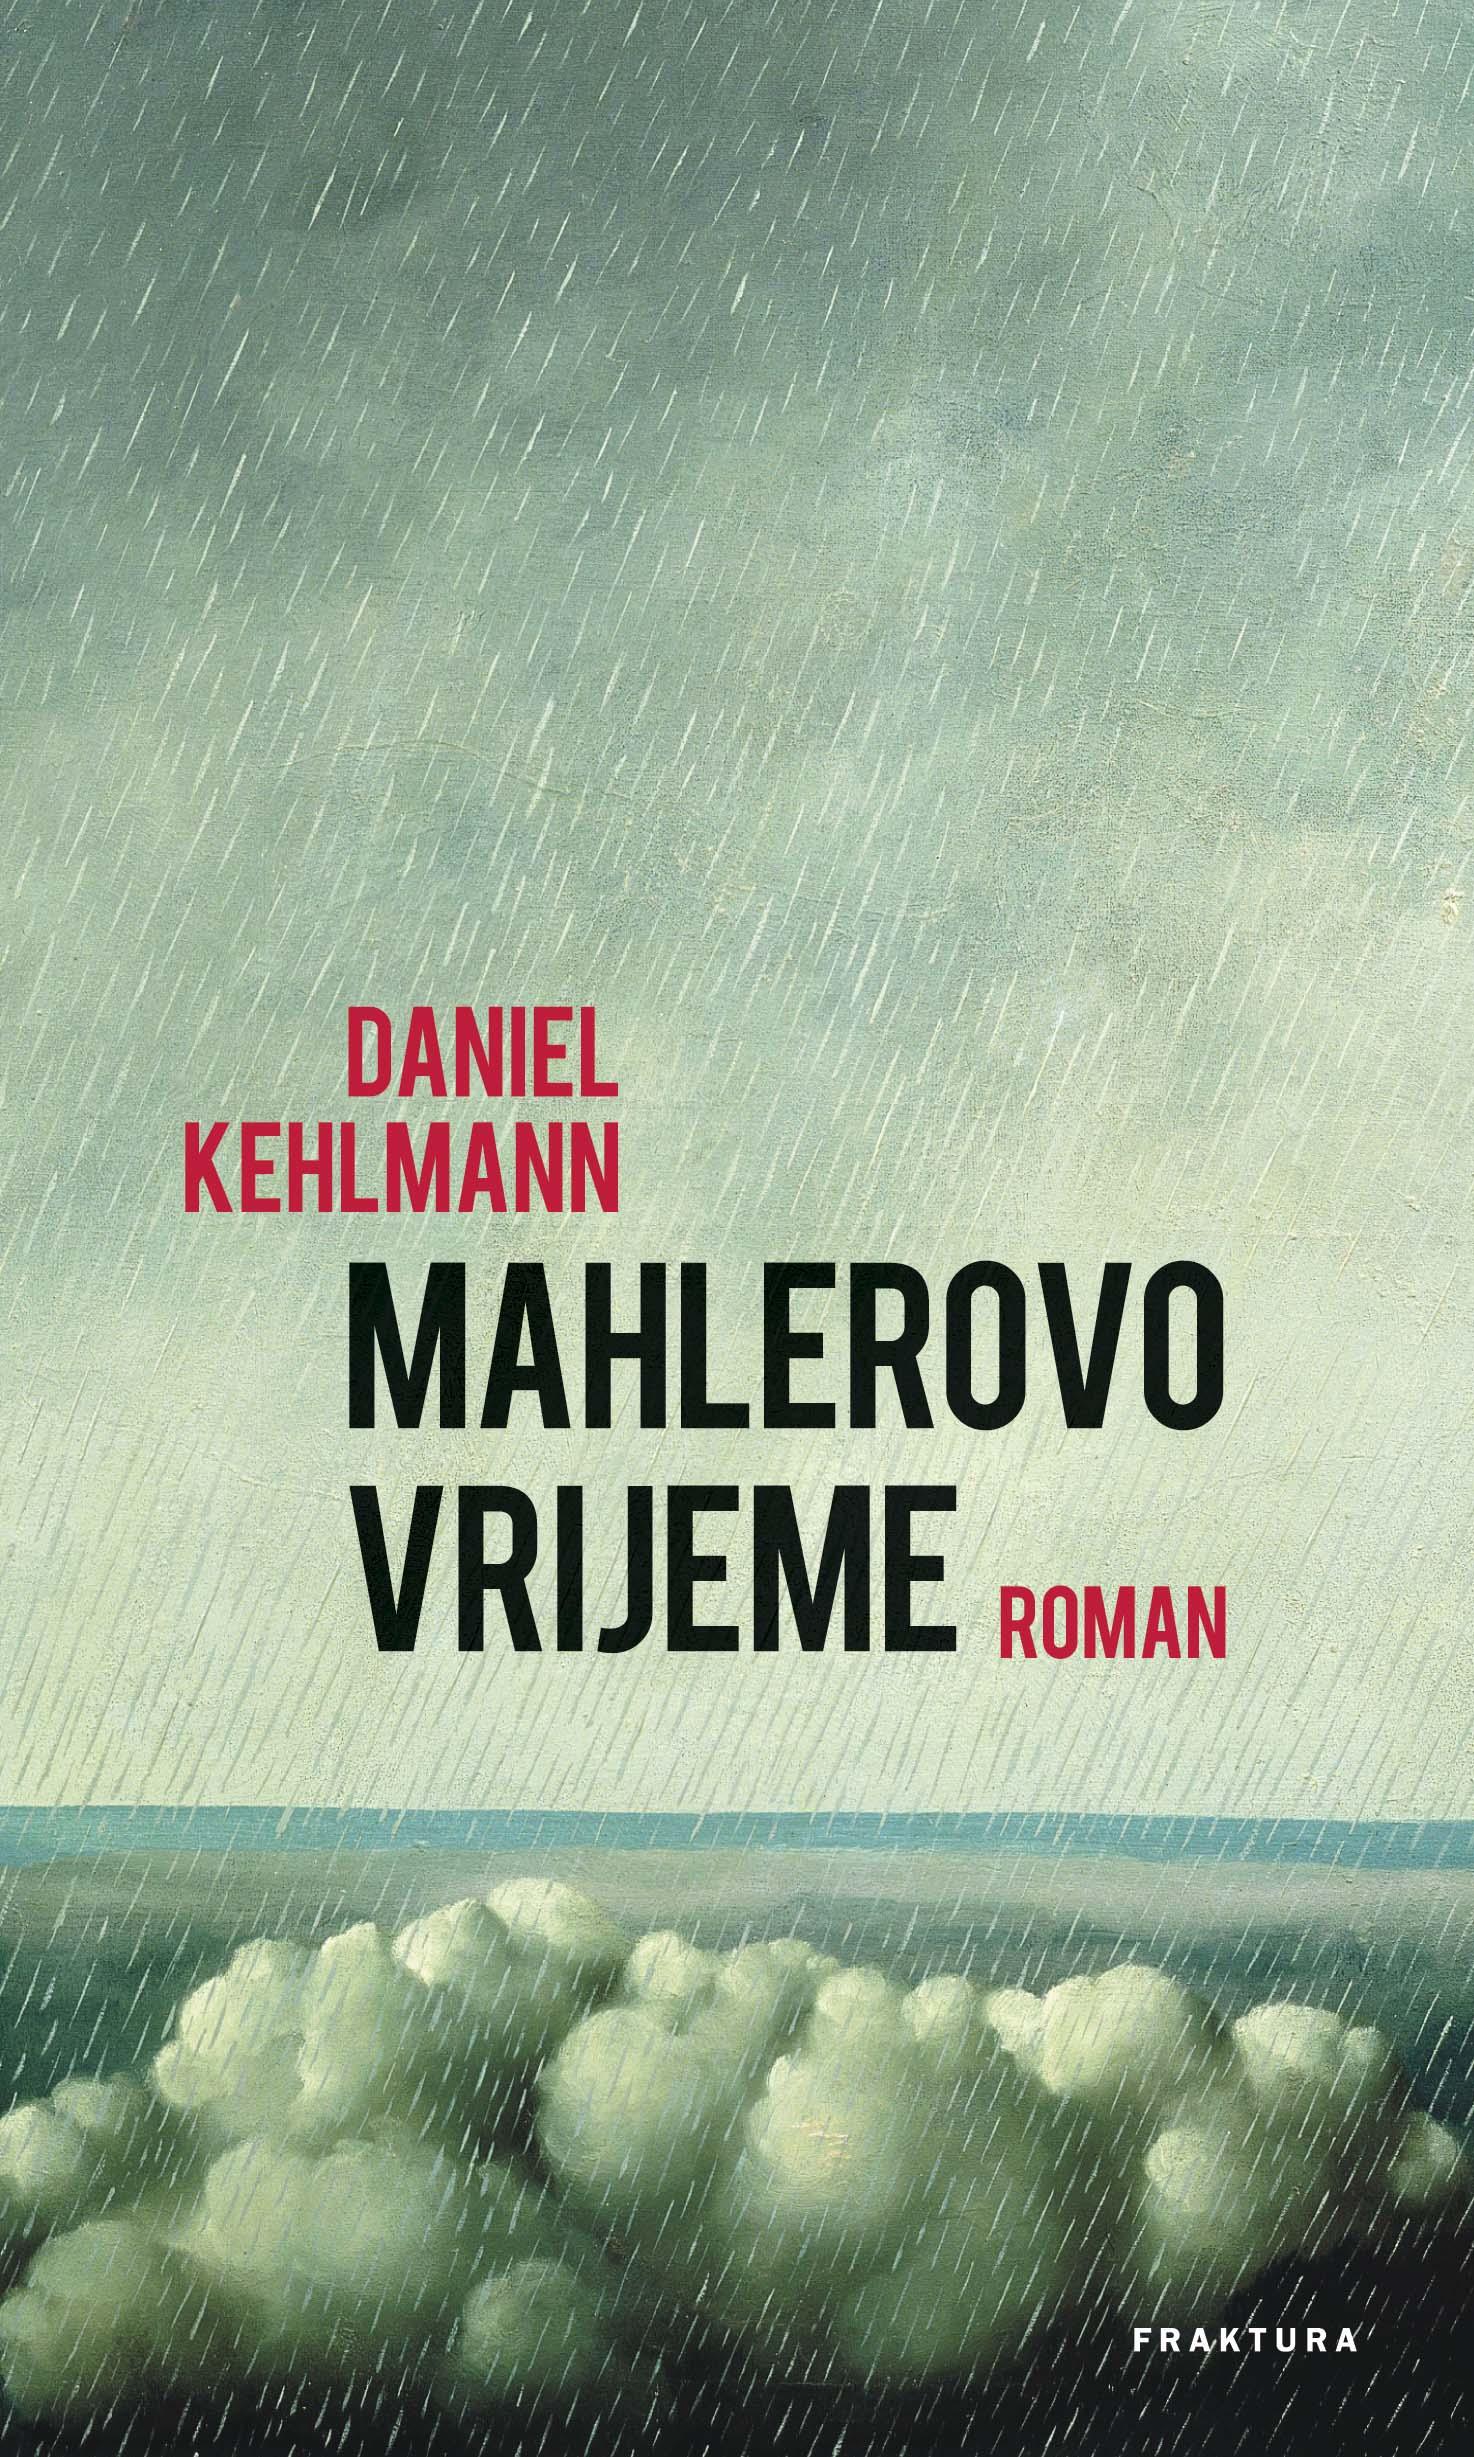 Mahlerovo vrijeme